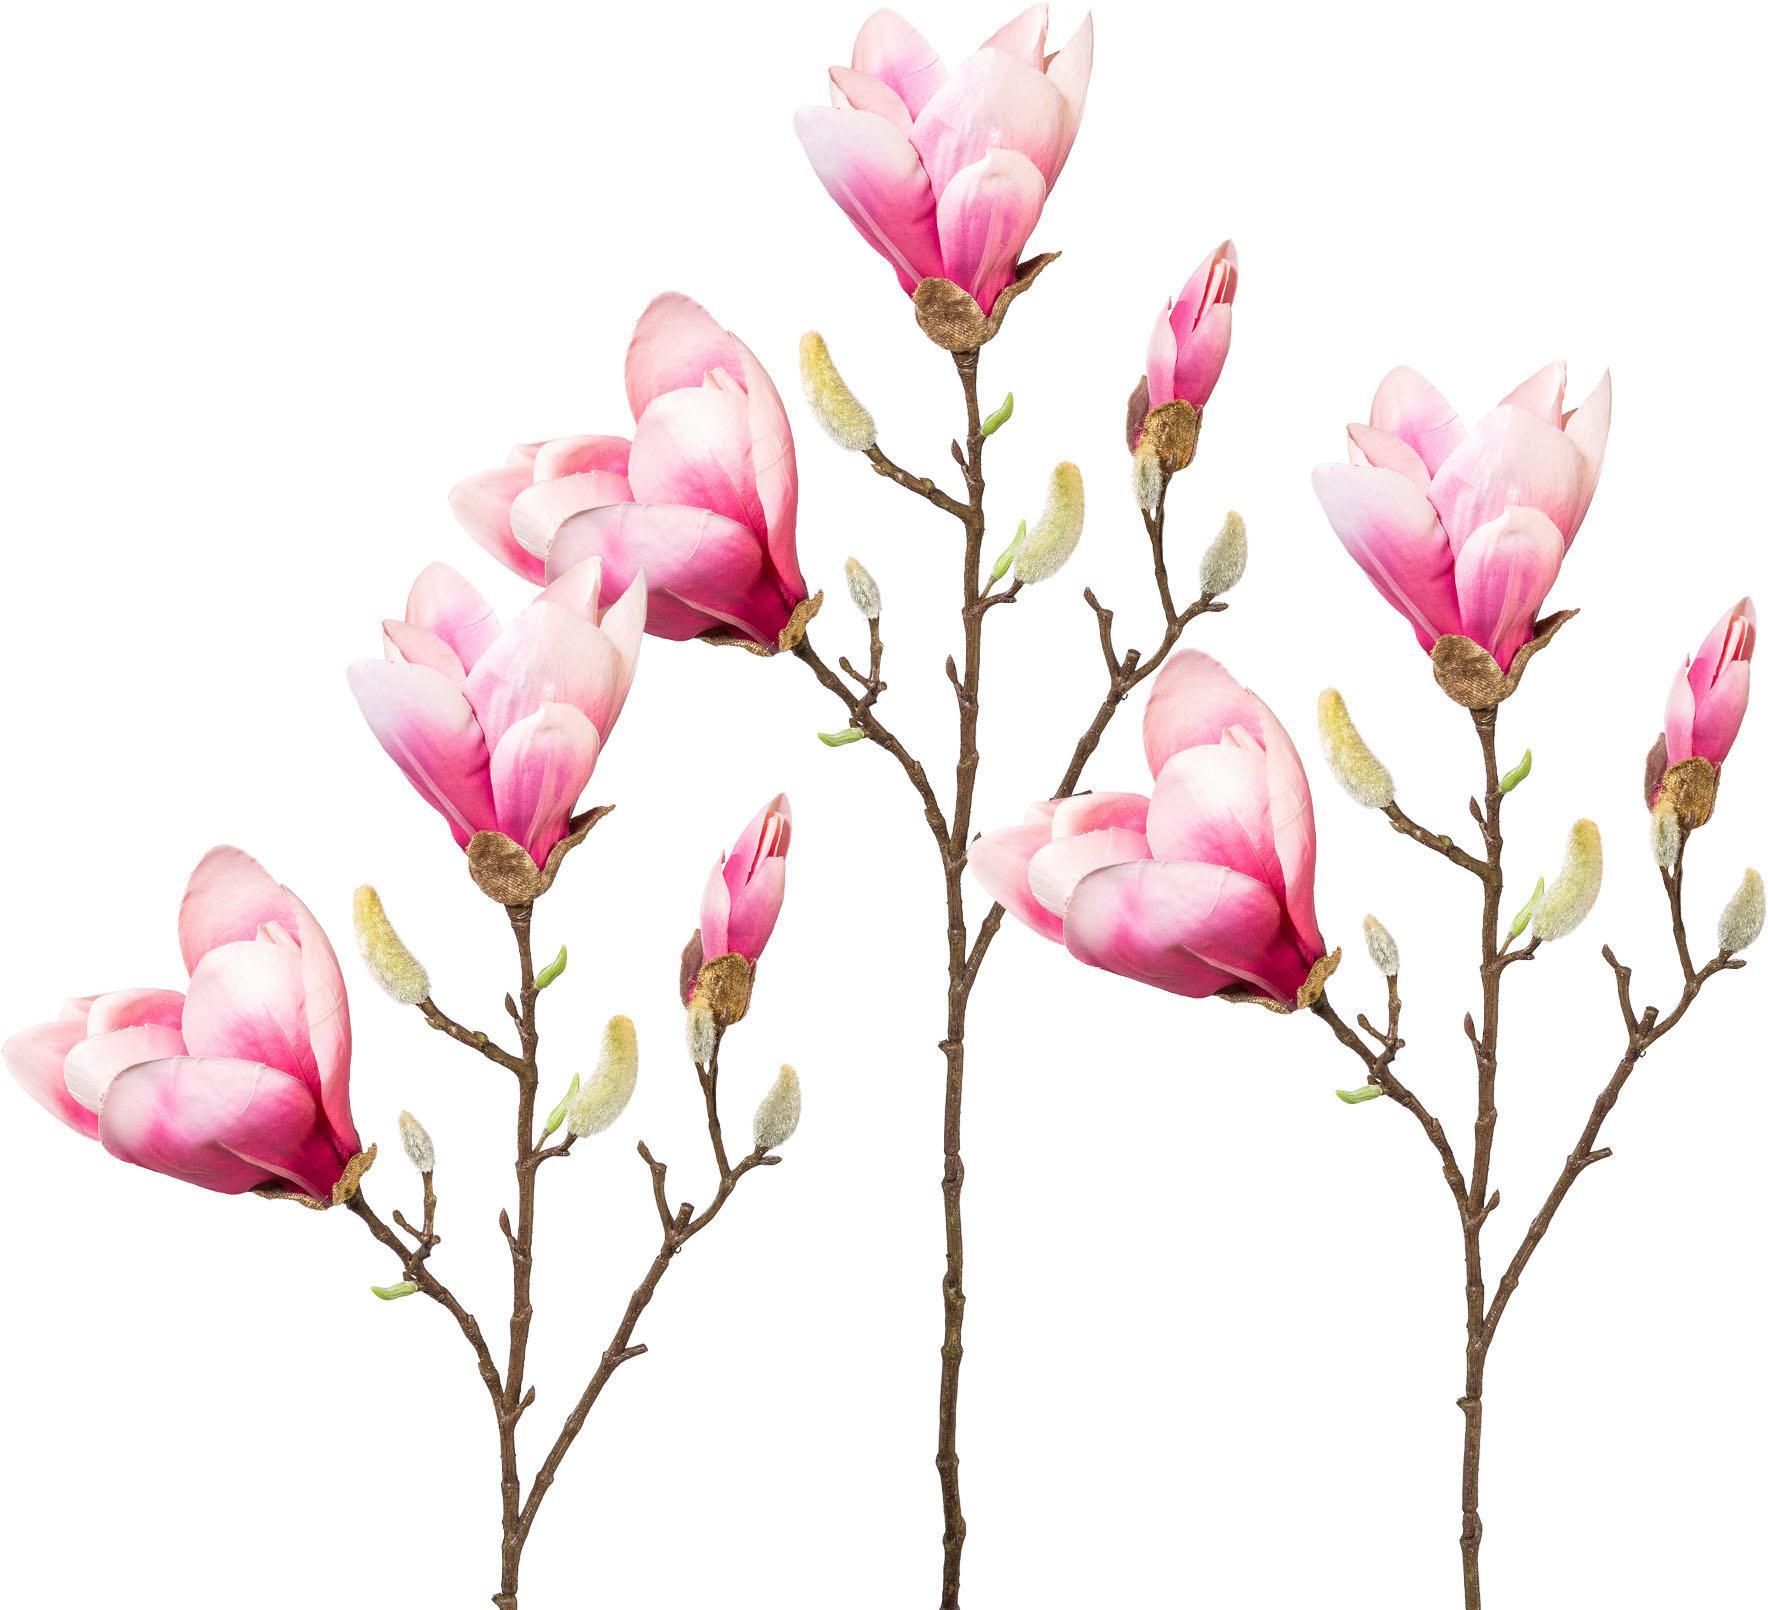 Kunstblume, 3er Set rosa Künstliche Zimmerpflanzen Kunstpflanzen Wohnaccessoires Kunstblume